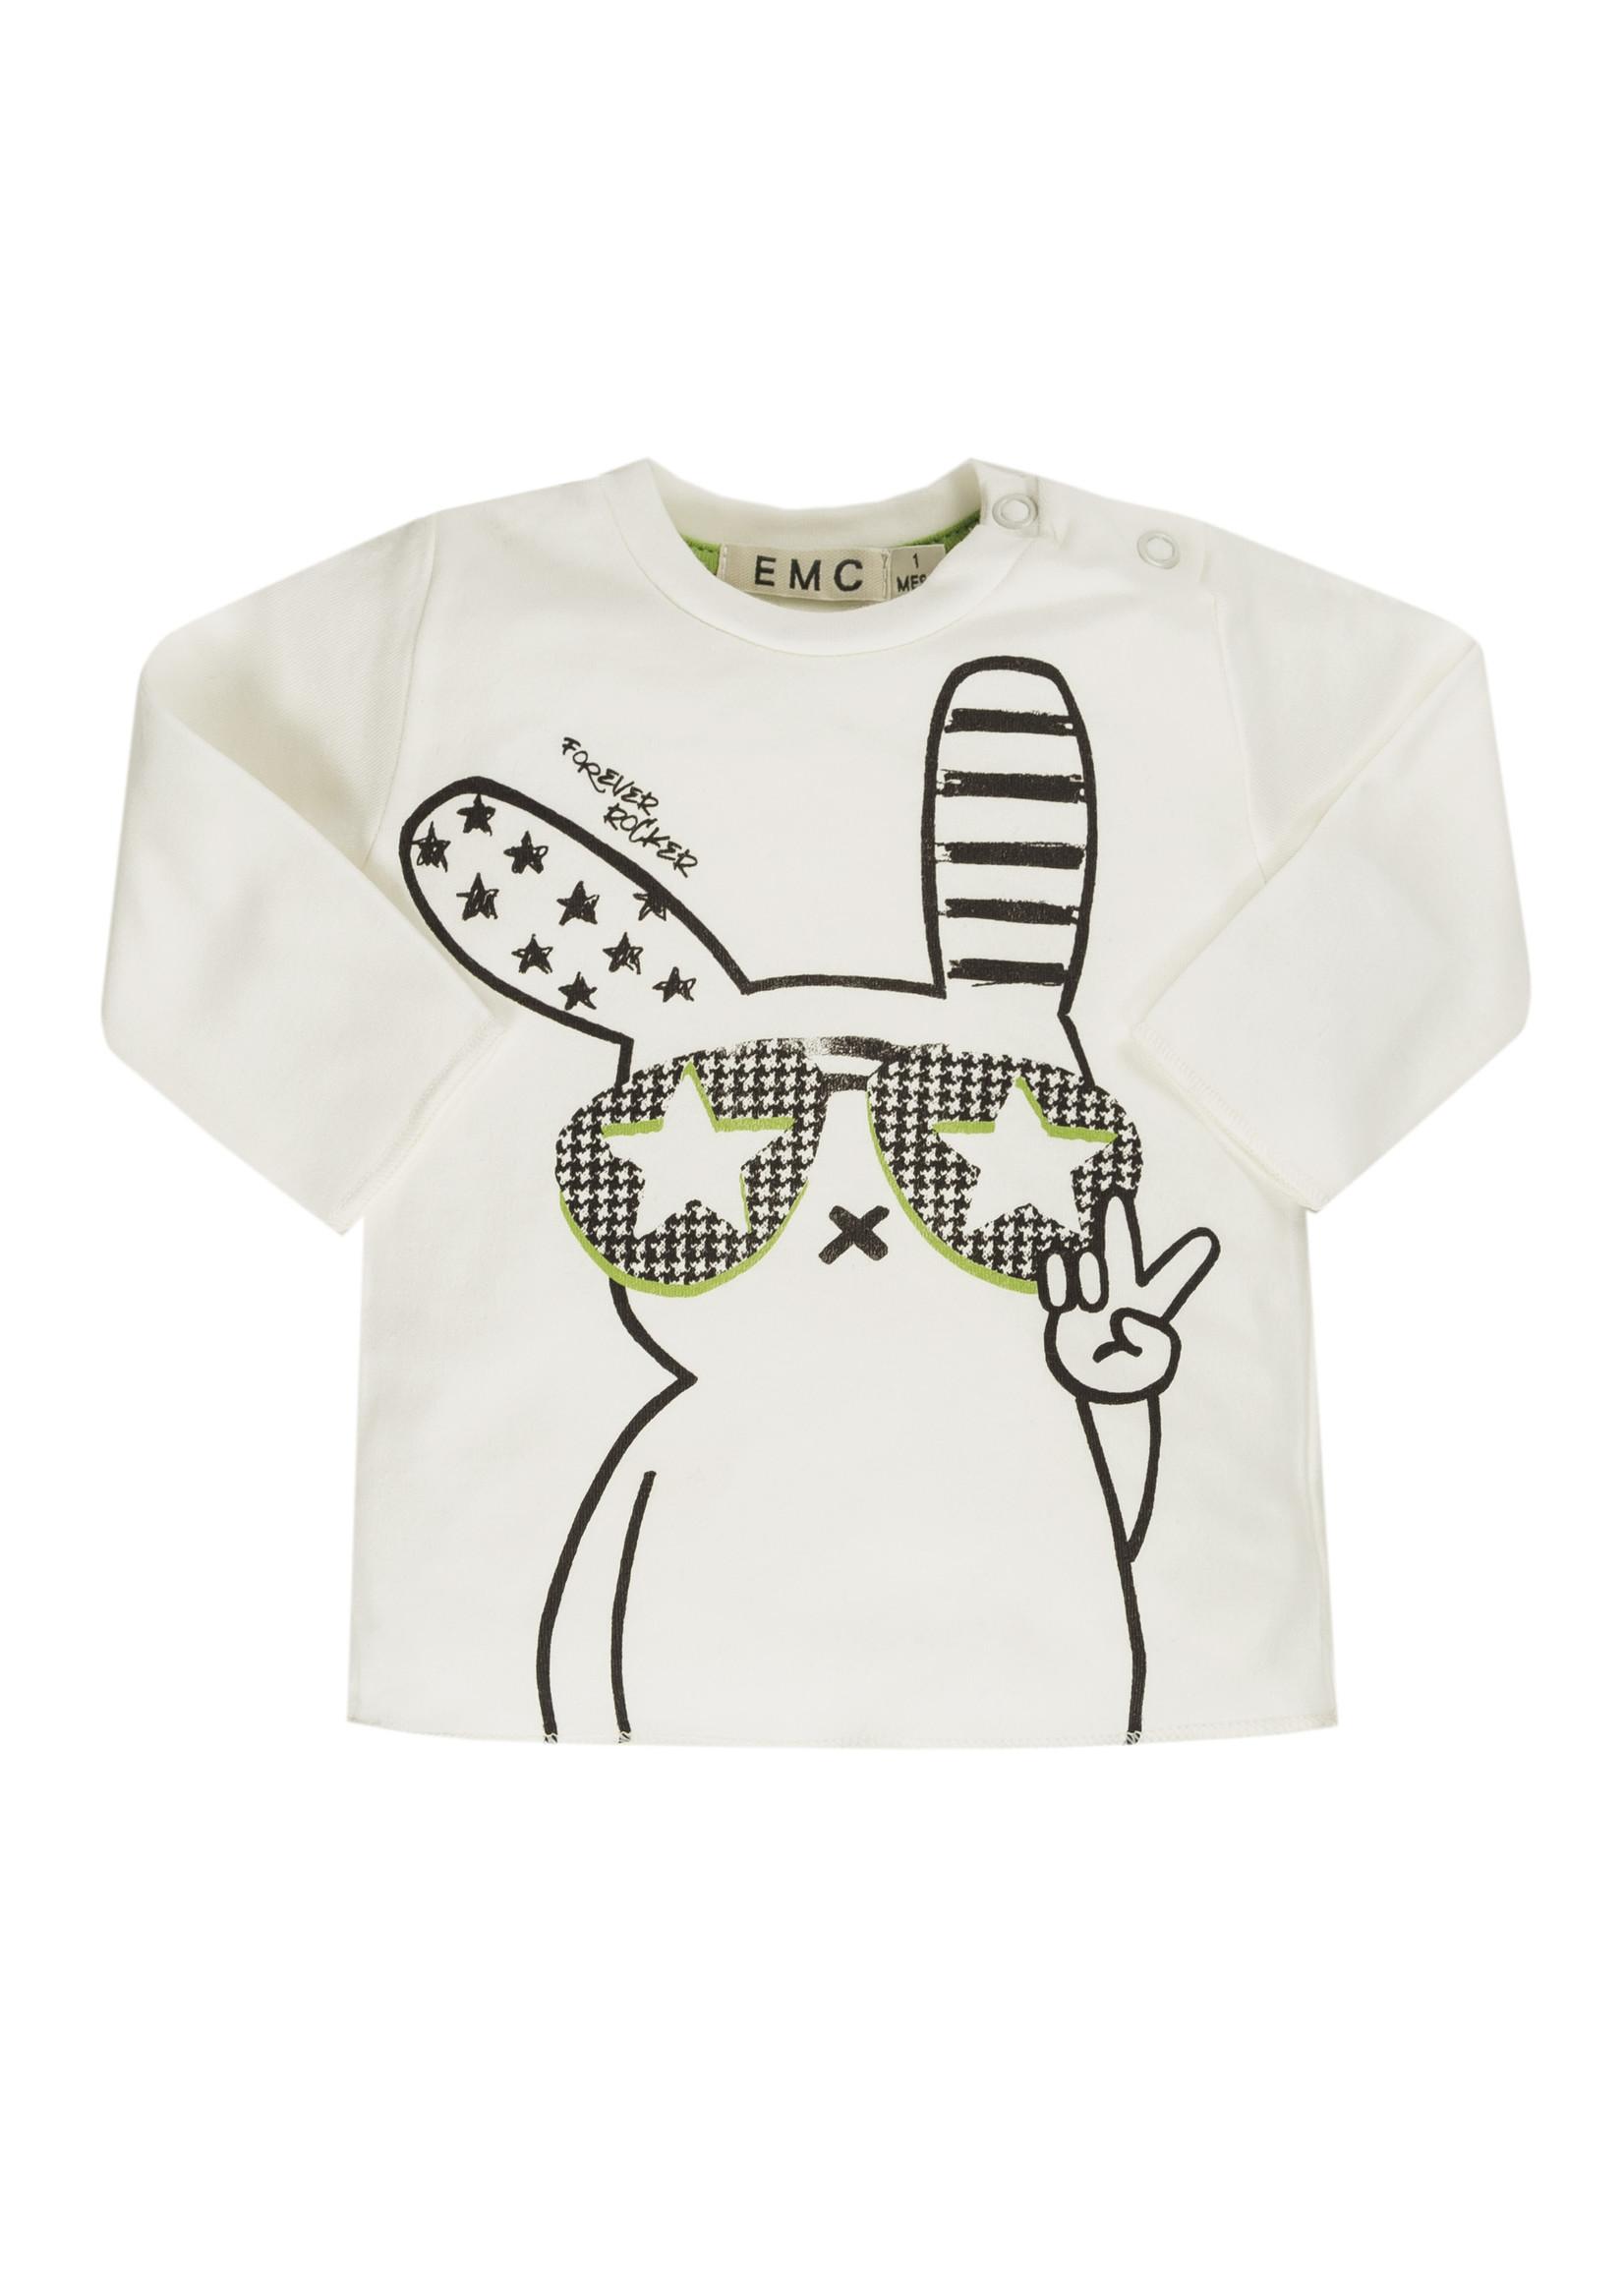 EMC EMC forever rocker bunny shirt